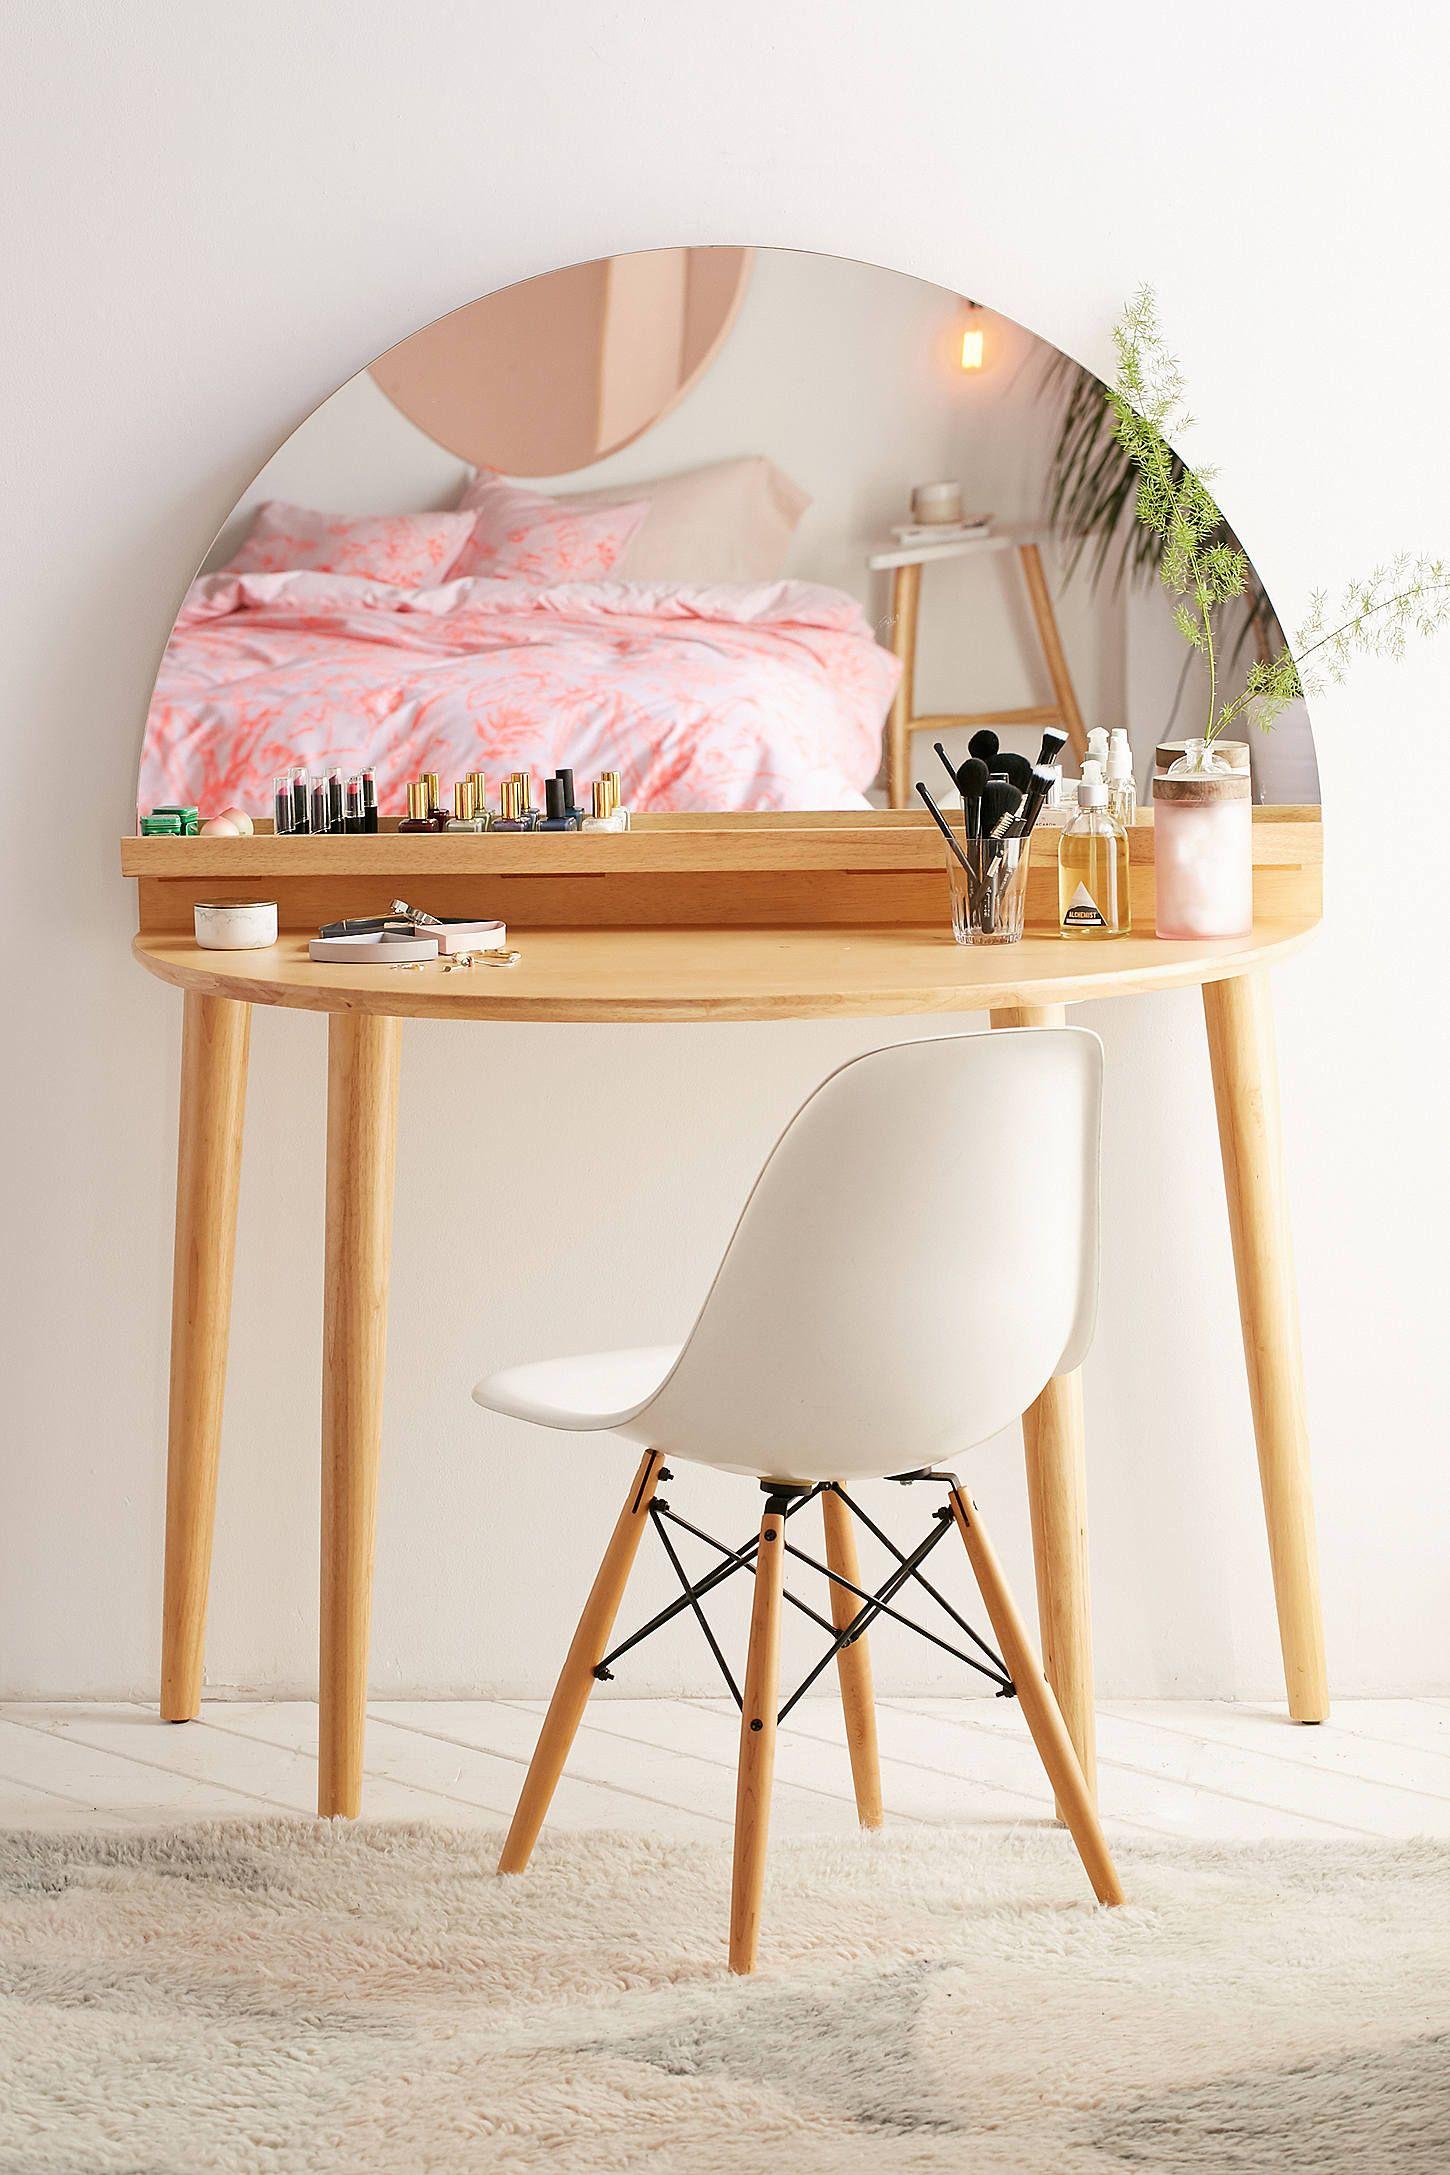 Modernica side shell chair sorority house inspo pinterest